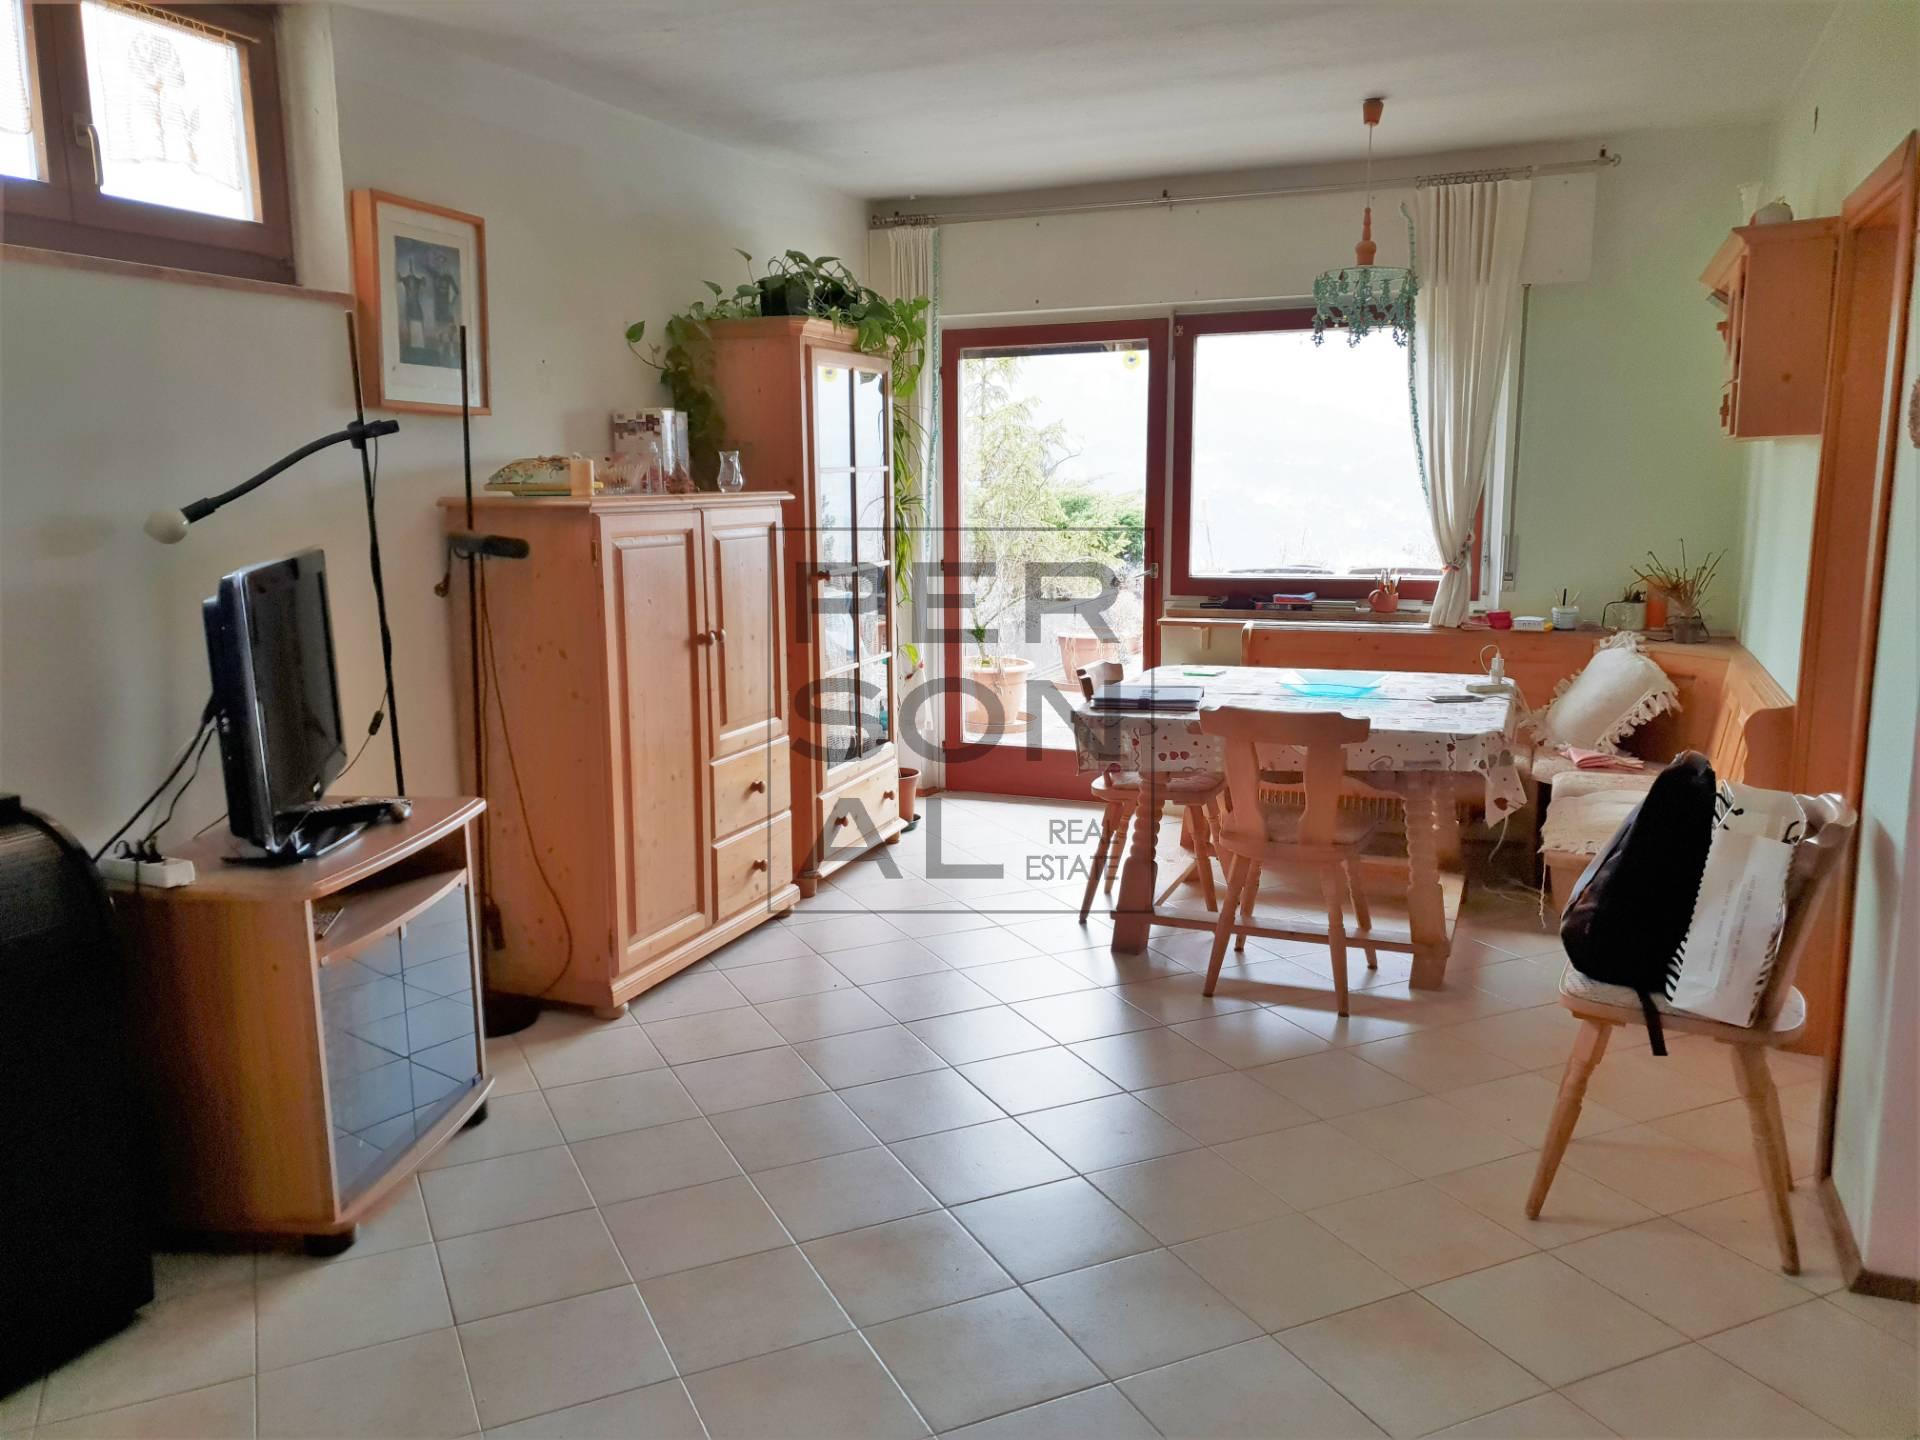 Appartamento in vendita a Salorno, 6 locali, prezzo € 260.000 | CambioCasa.it